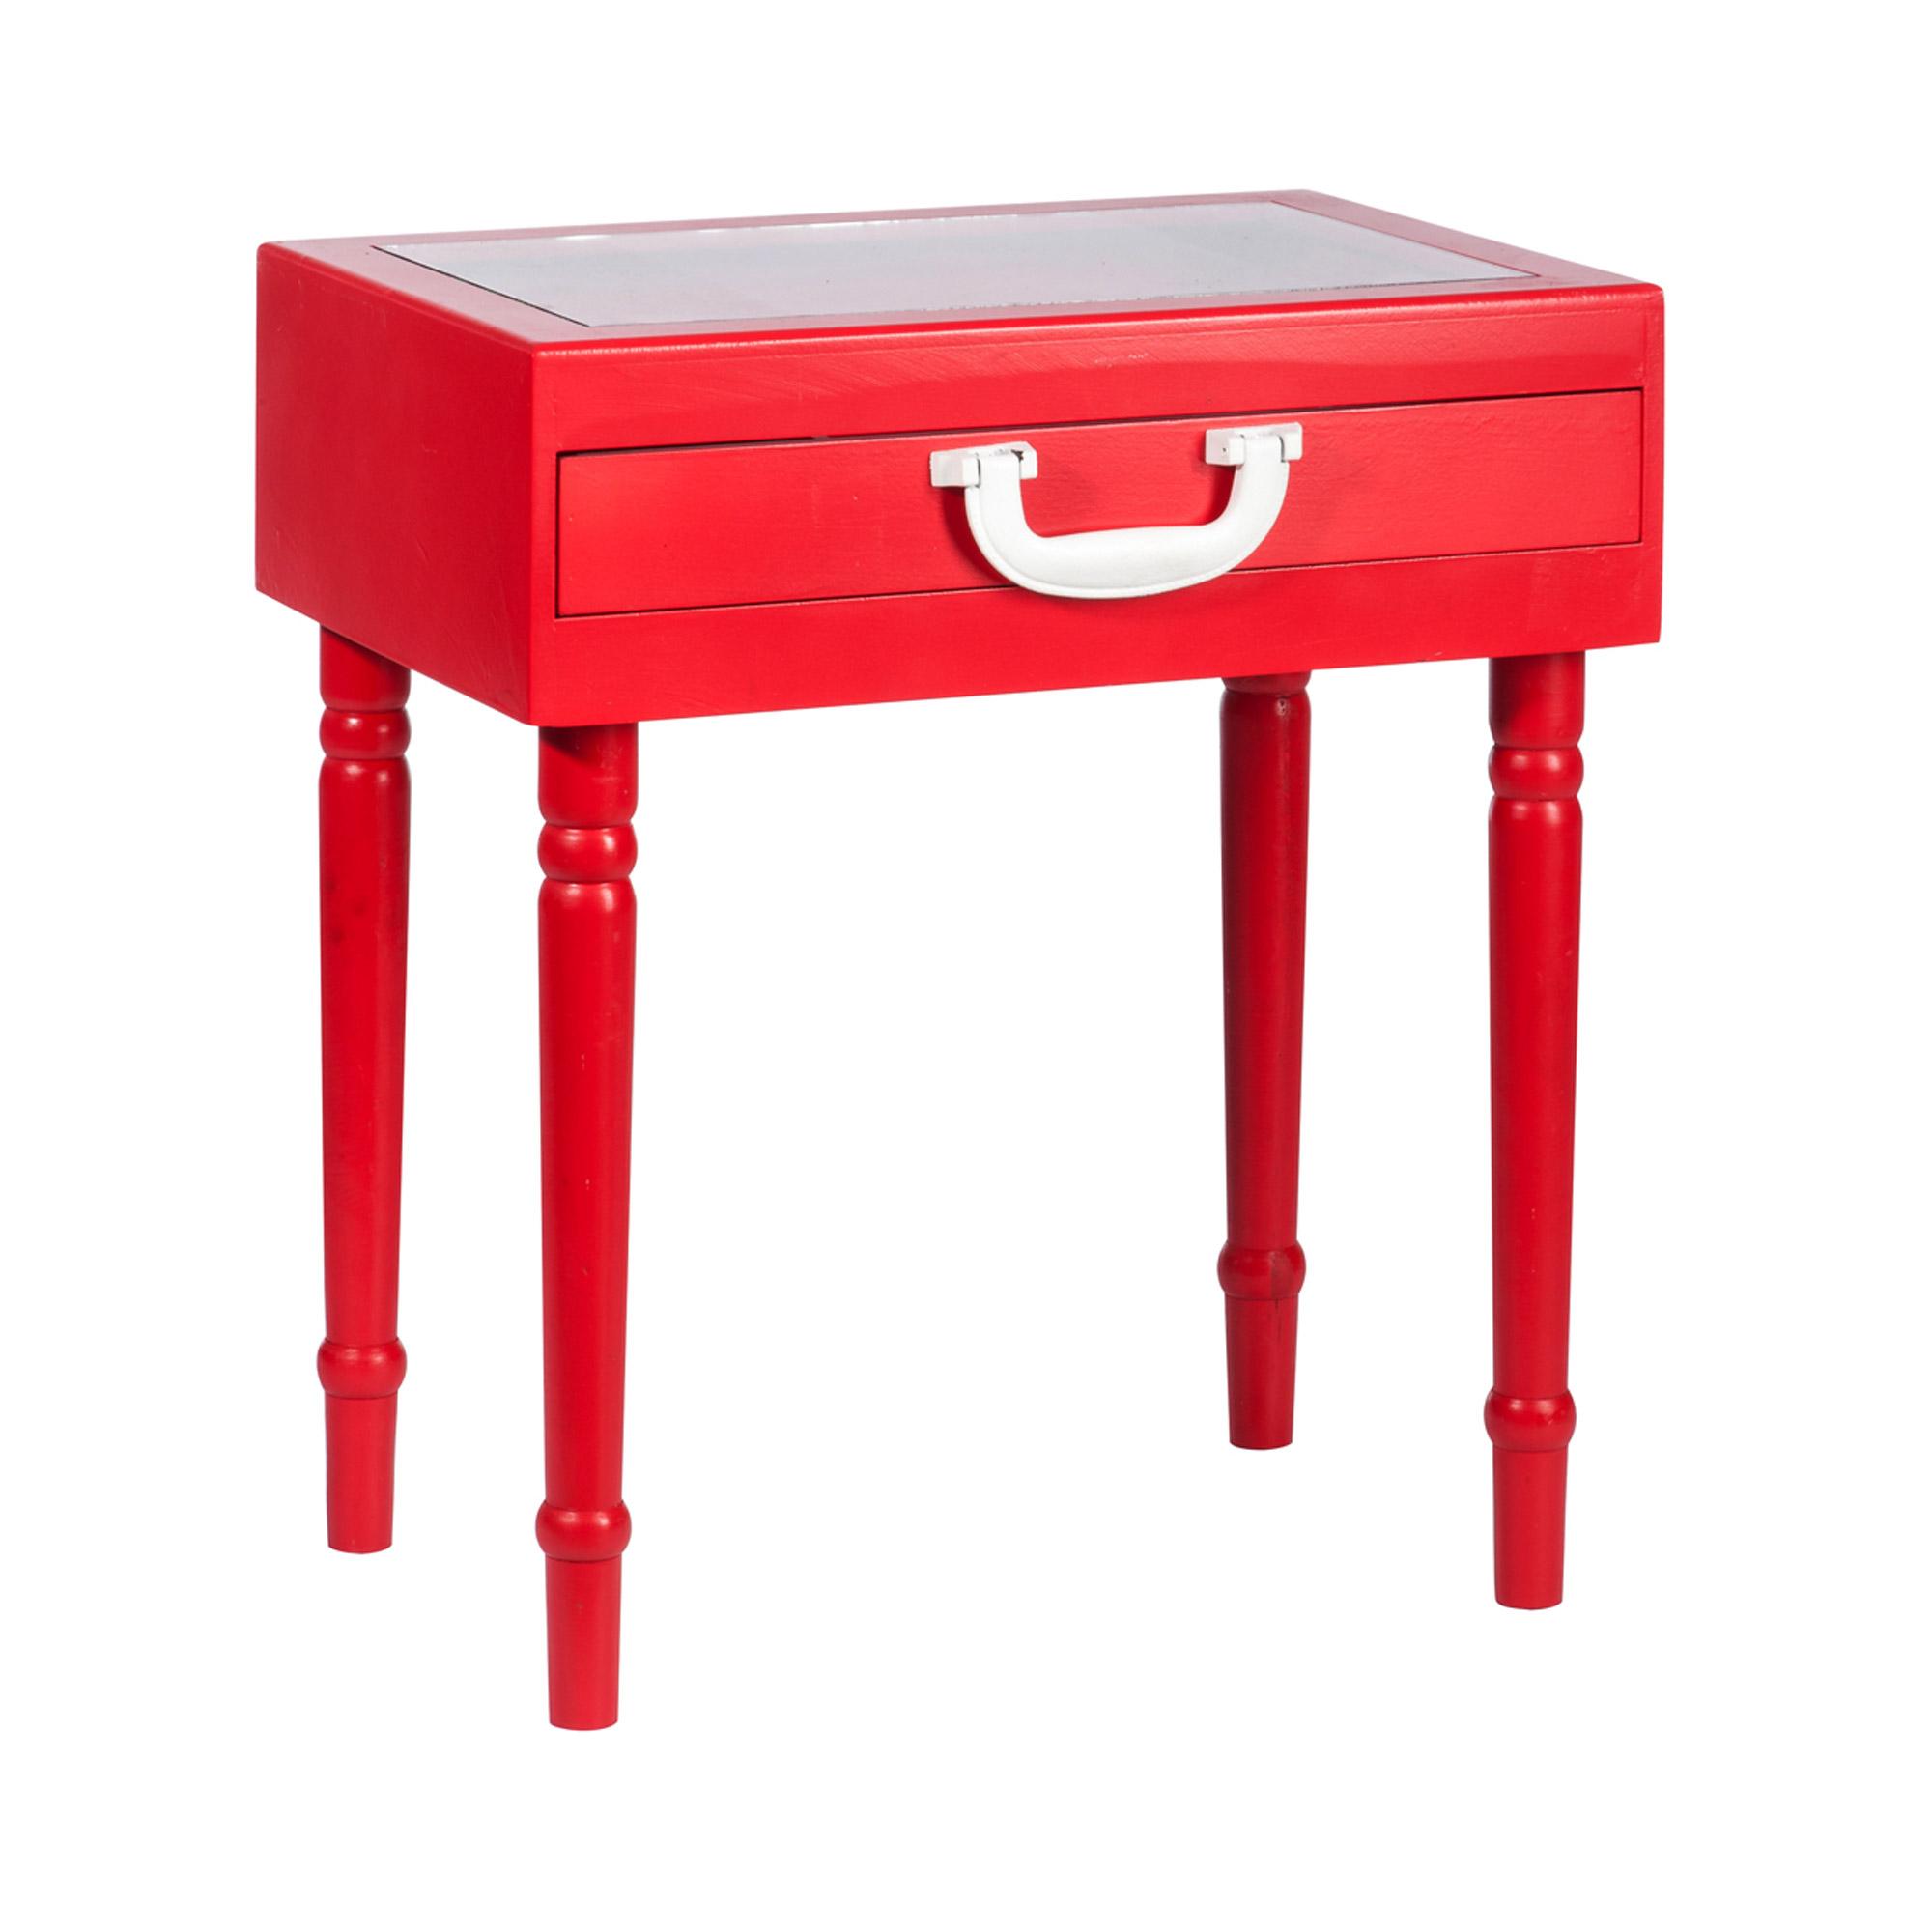 Table de chevet 1 tiroir bois et verre coloris rouge ebay - Table de chevet rouge ...